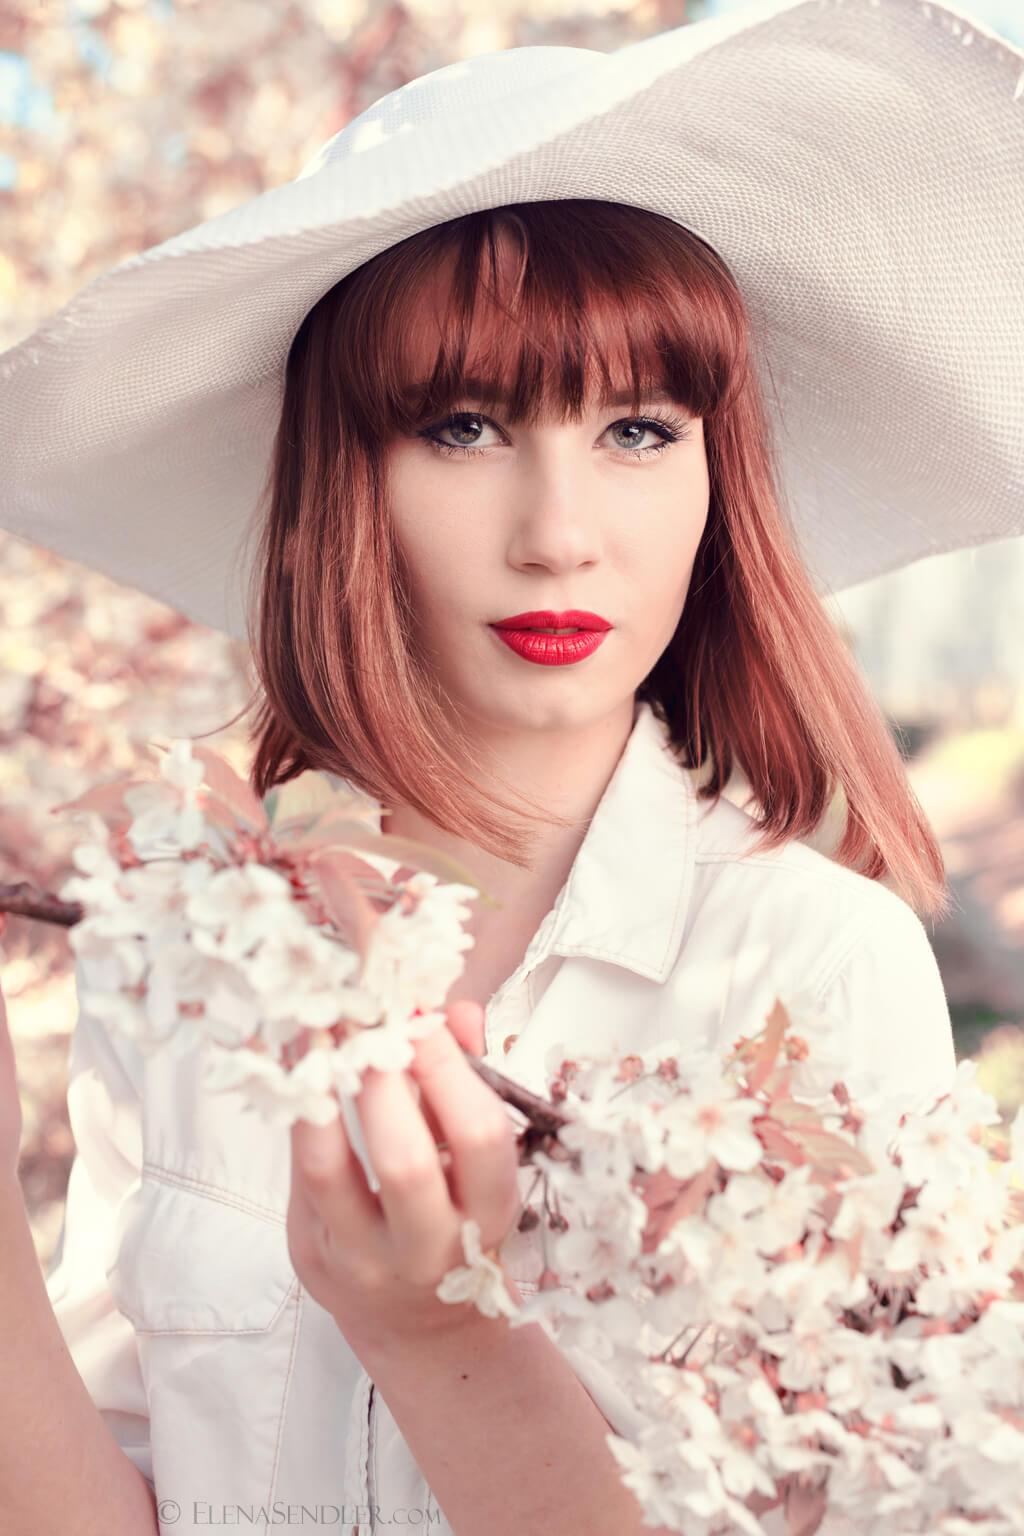 Elena_Sendler_Zala_Zagoricnik_pink_spring_1